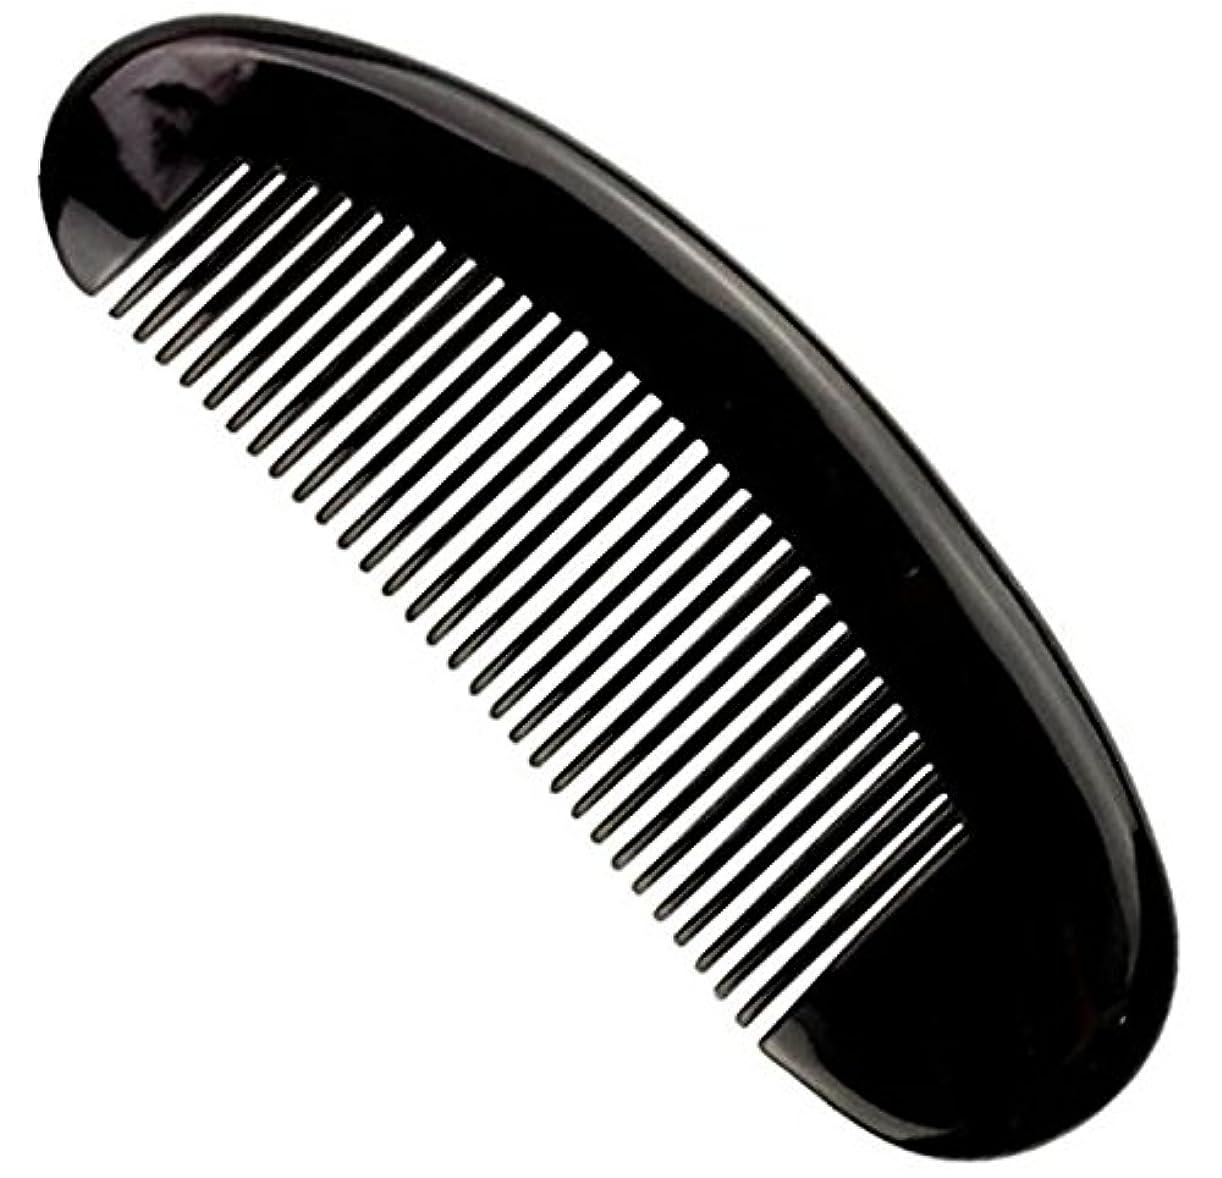 イル変なカウンタ櫛型 プロも使う牛角かっさプレー マサージ用 血行改善 高級 天然 静電気防止 美髪 美顔 ボディ リンパマッサージ